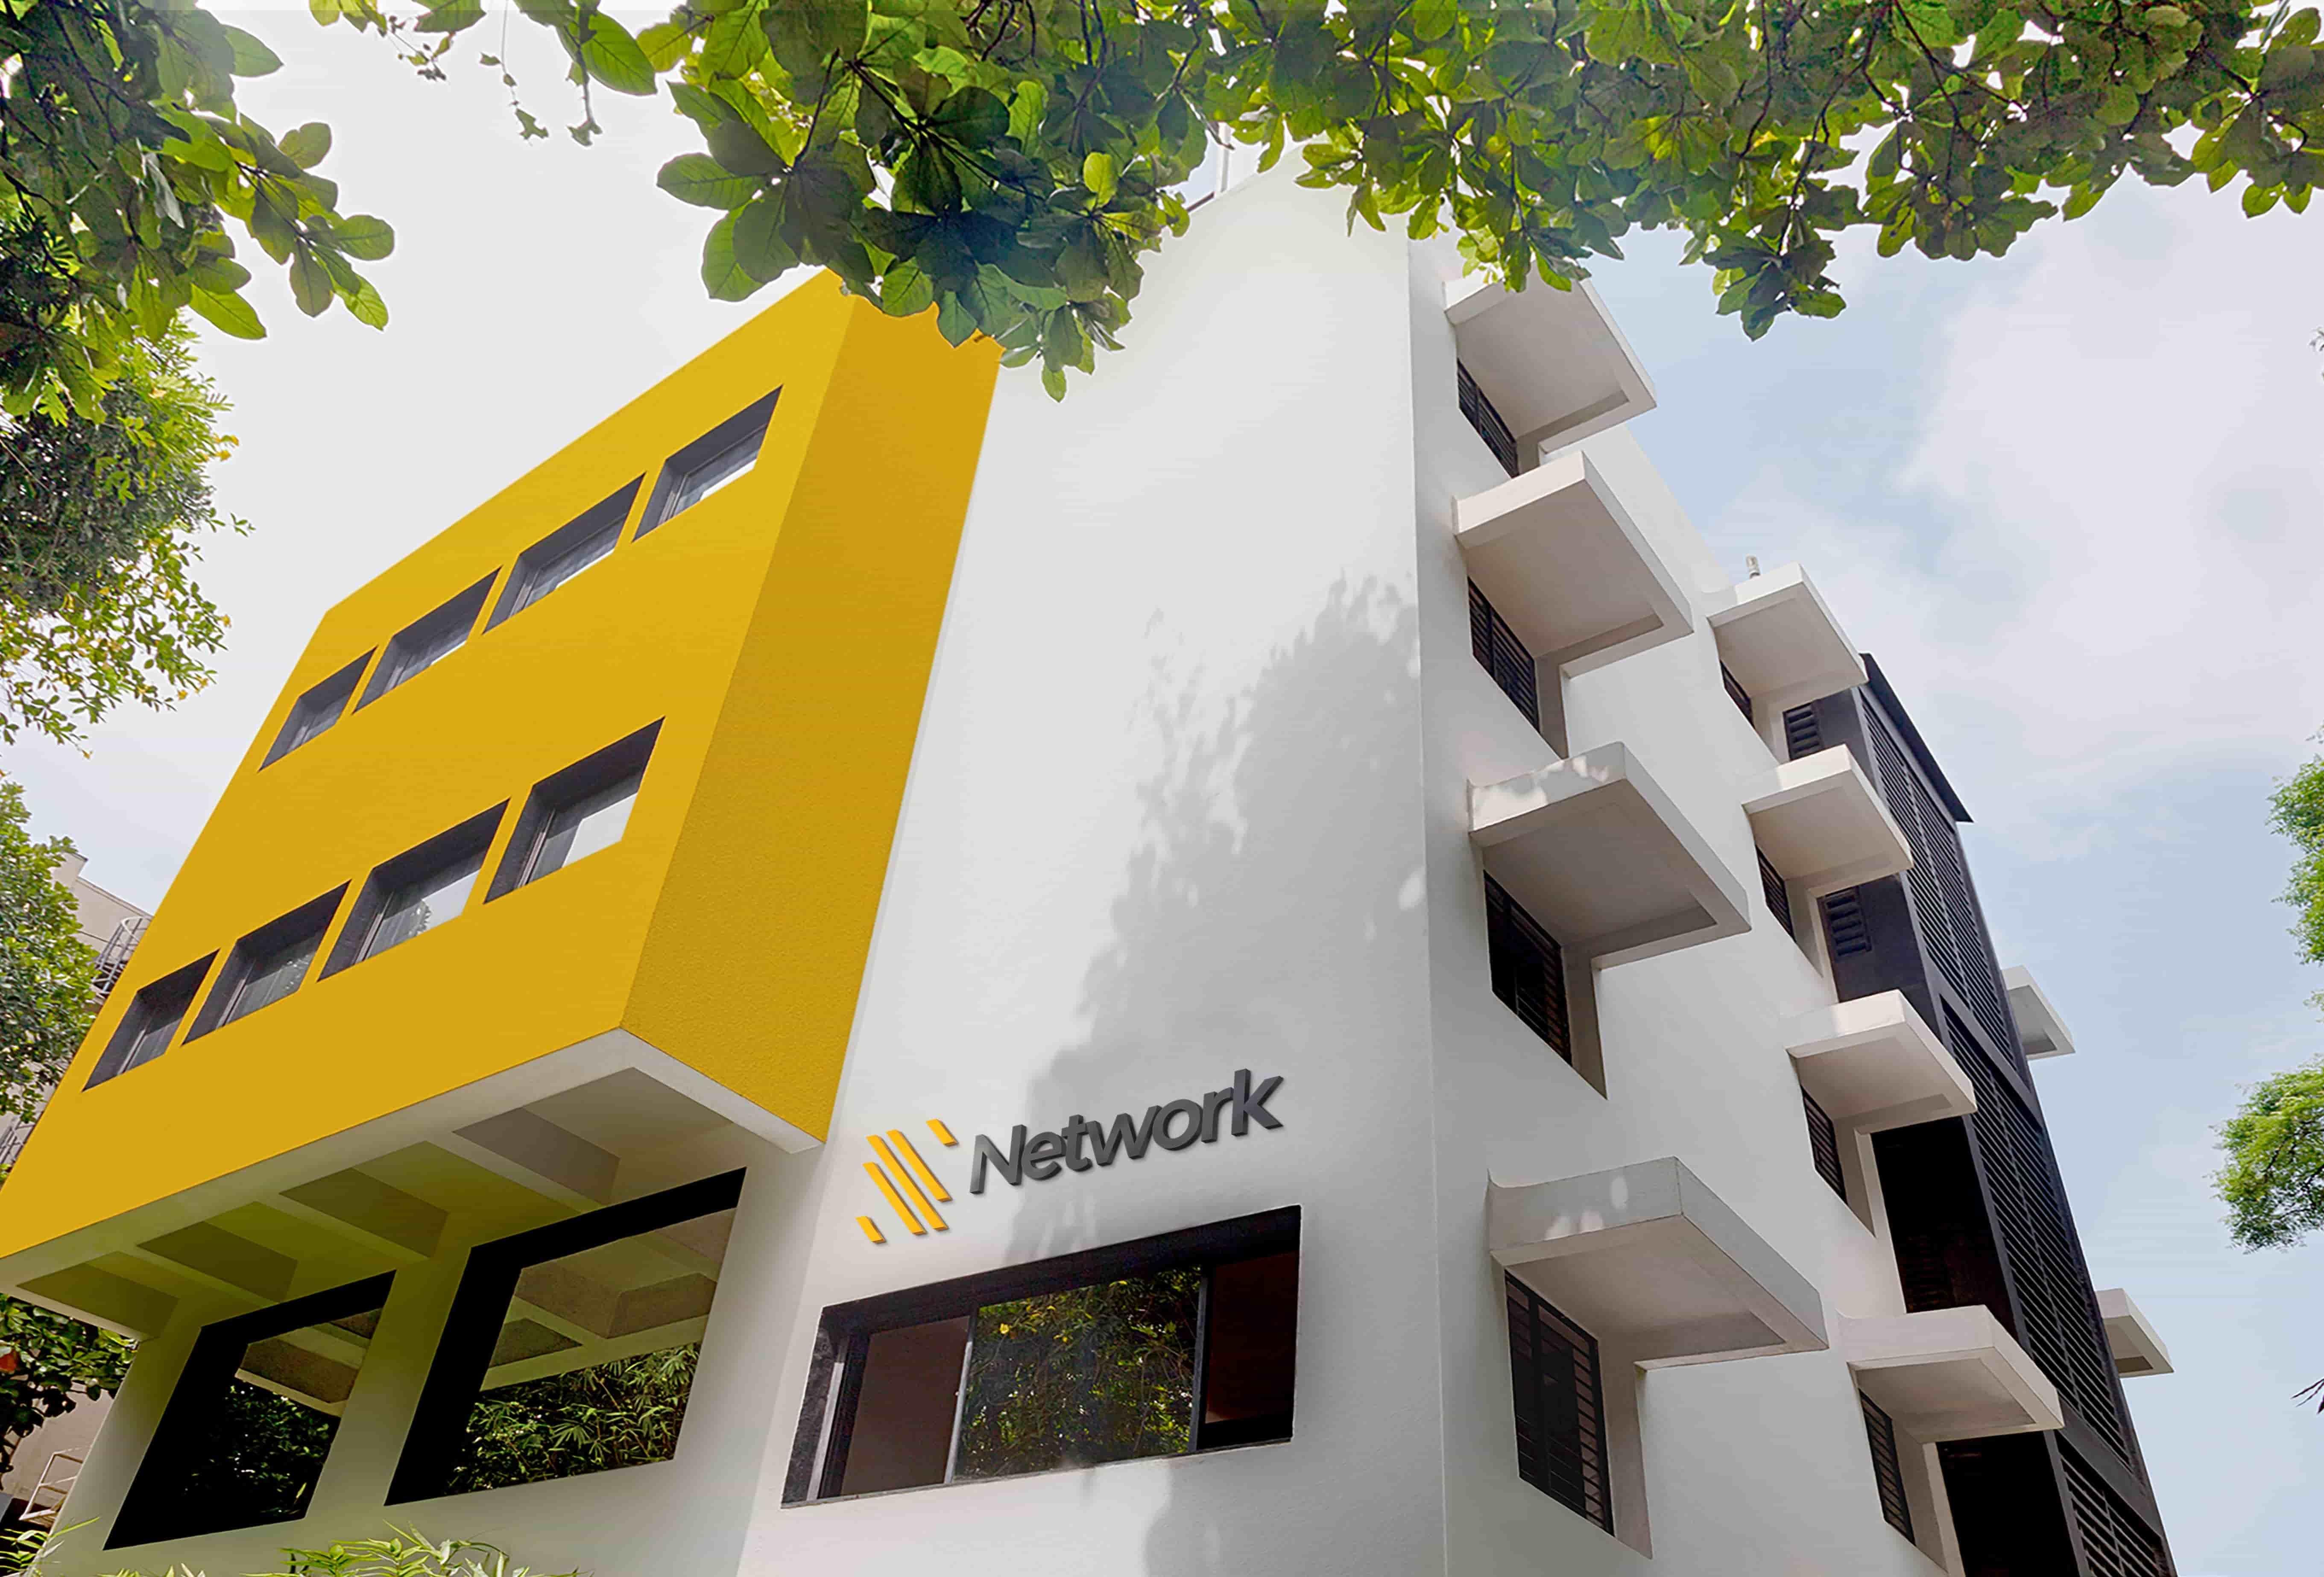 Network_Advertising_Building_Andheri_East_Mumbai